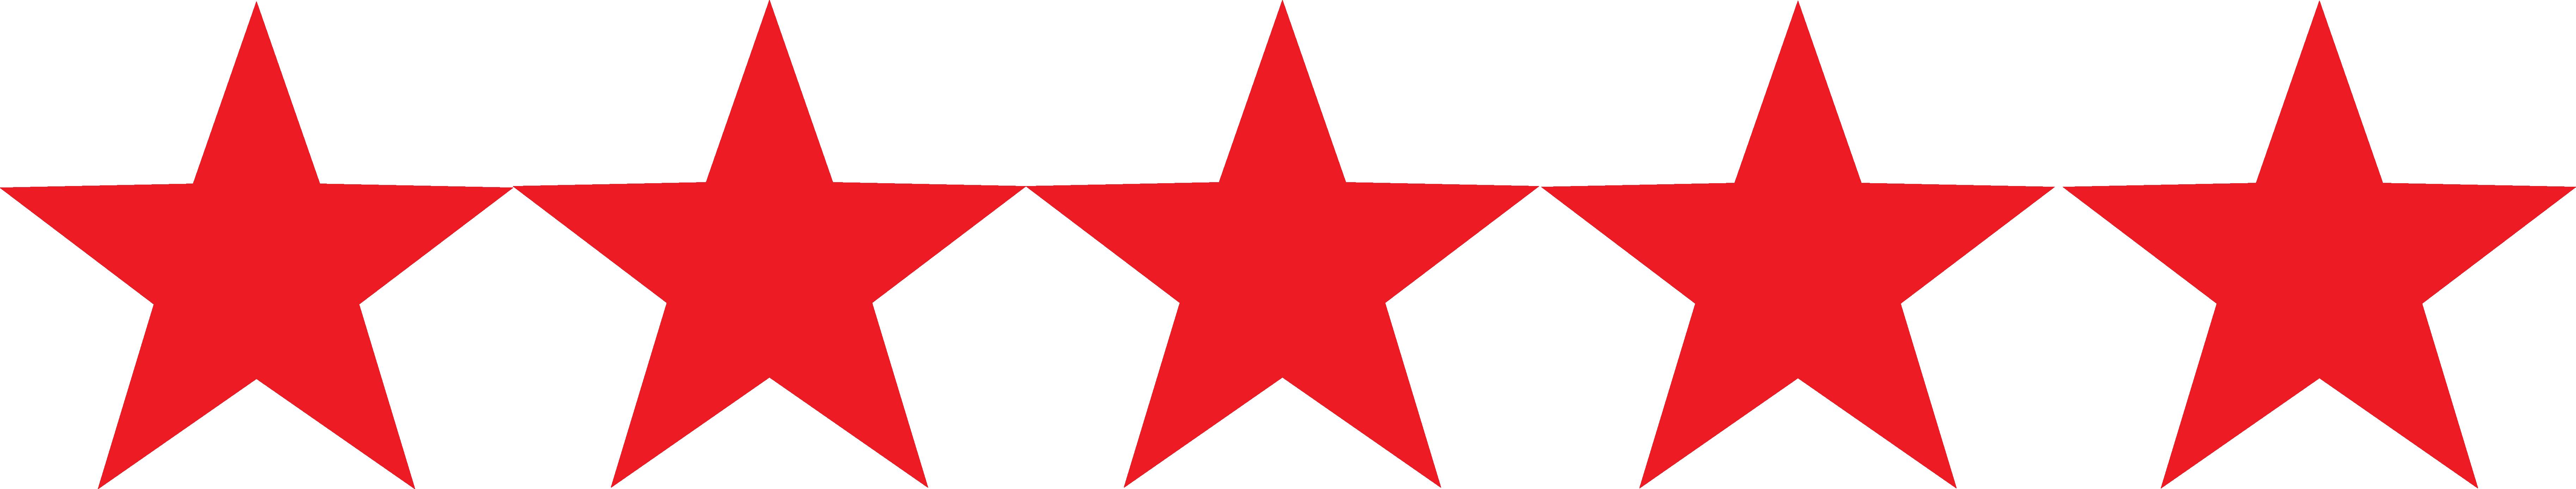 5stars - Wollombi Market